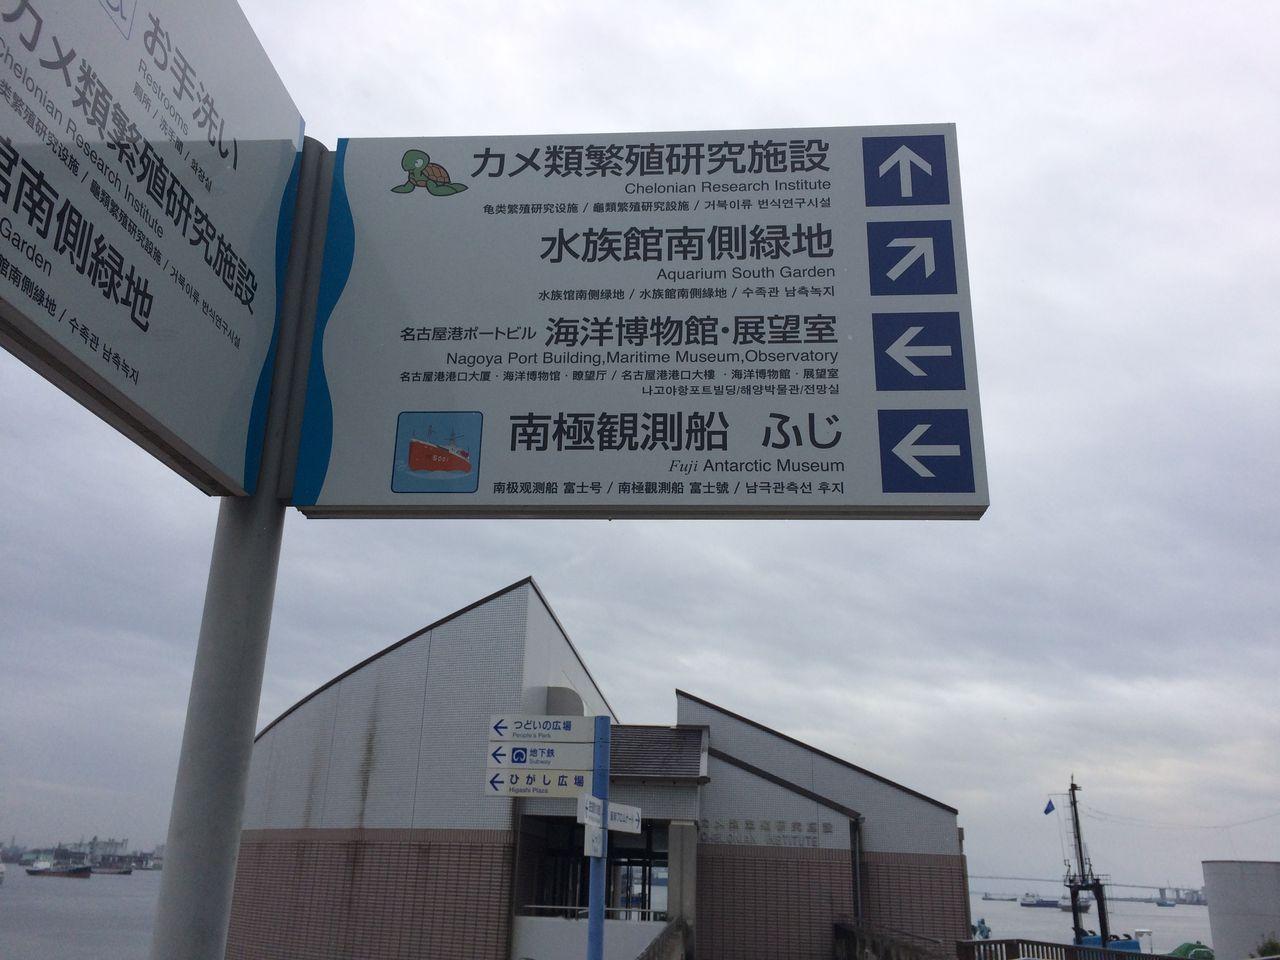 (愛知県)名古屋港水族館 カメ類繁殖研究室 : 主食は水族館です